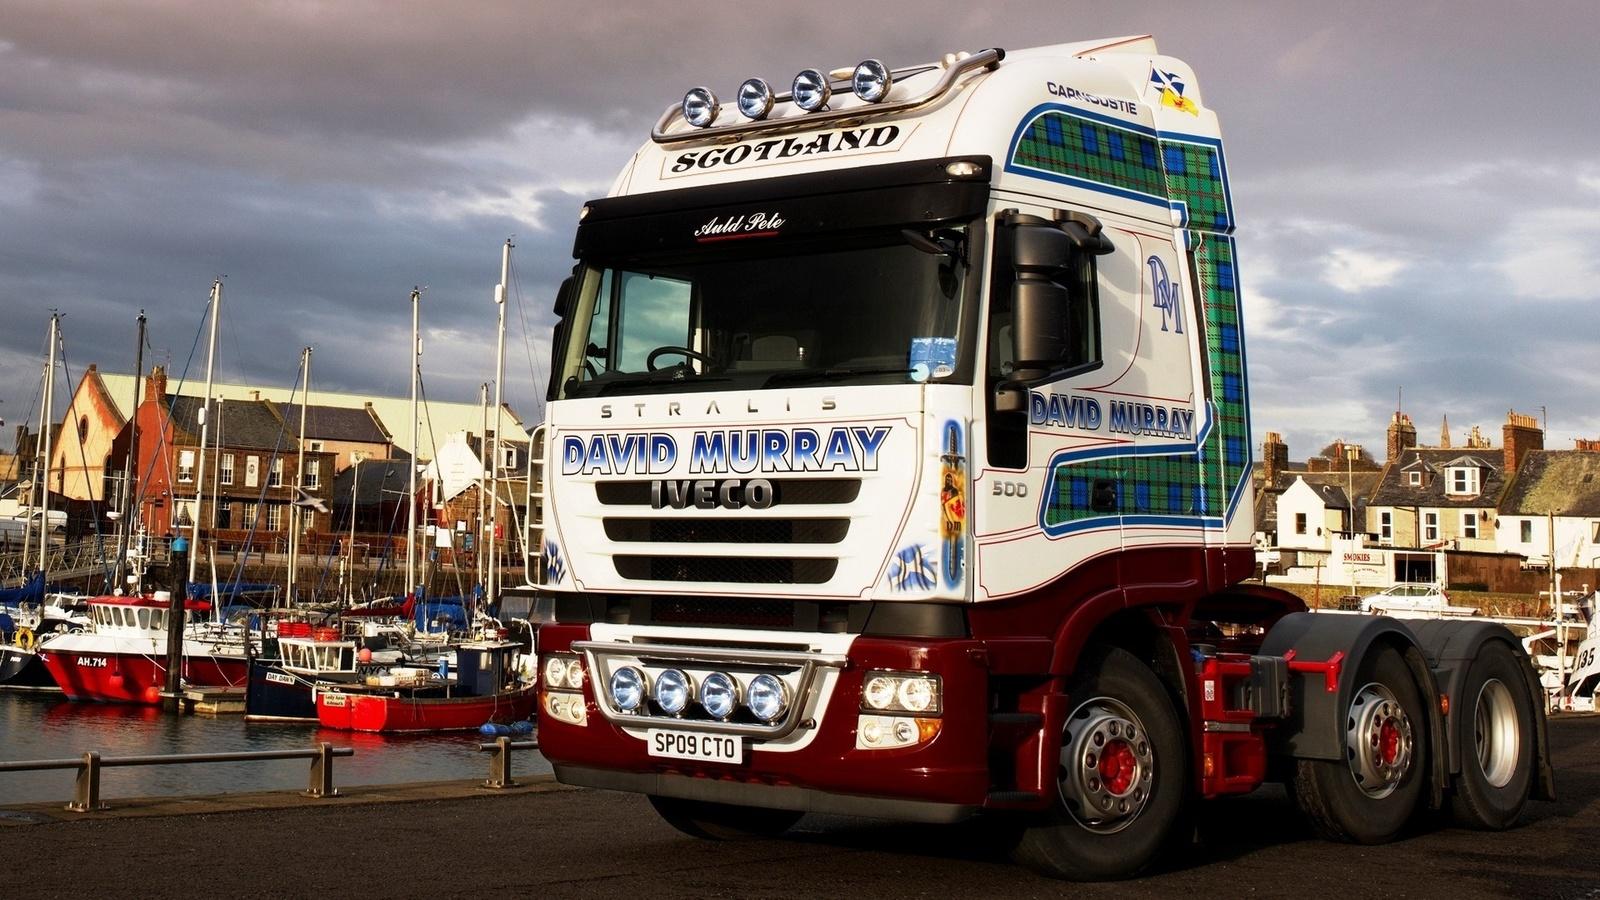 тягач, грузовик, сила, мощь, красота, колеса, фары, причал, лодки, небо